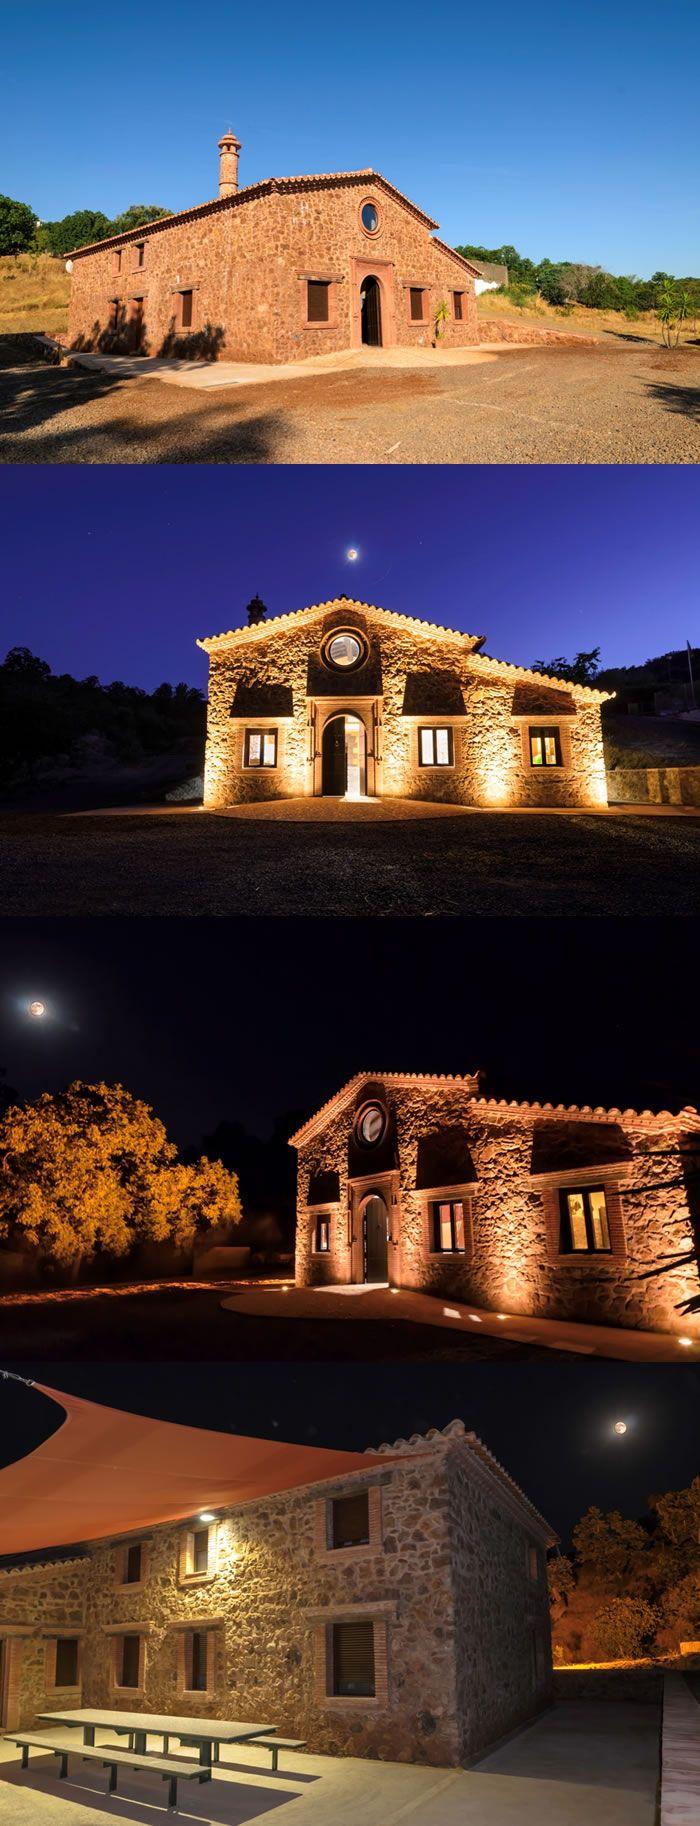 Casa Rural situada en Aracena - Huelva.  Tiene una superficie de 250 mts2 en dos plantas, con techos de madera y alfarjías de castaño. Junto a la casa se encuentra una zona de descanso con barbacoa, piscina de agua salada y zona de aparcamiento. http://www.raudo.com/f/finca-el-tornero-iii/3398